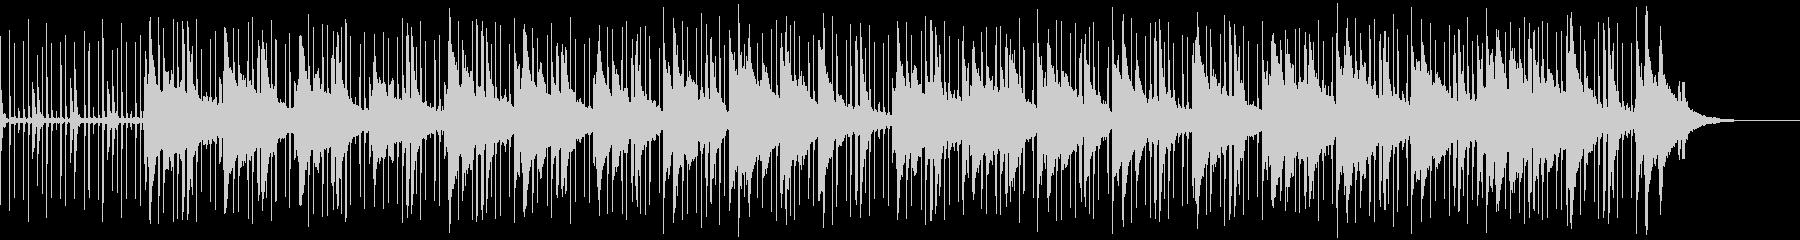 メローで反射的なインストゥルメンタ...の未再生の波形